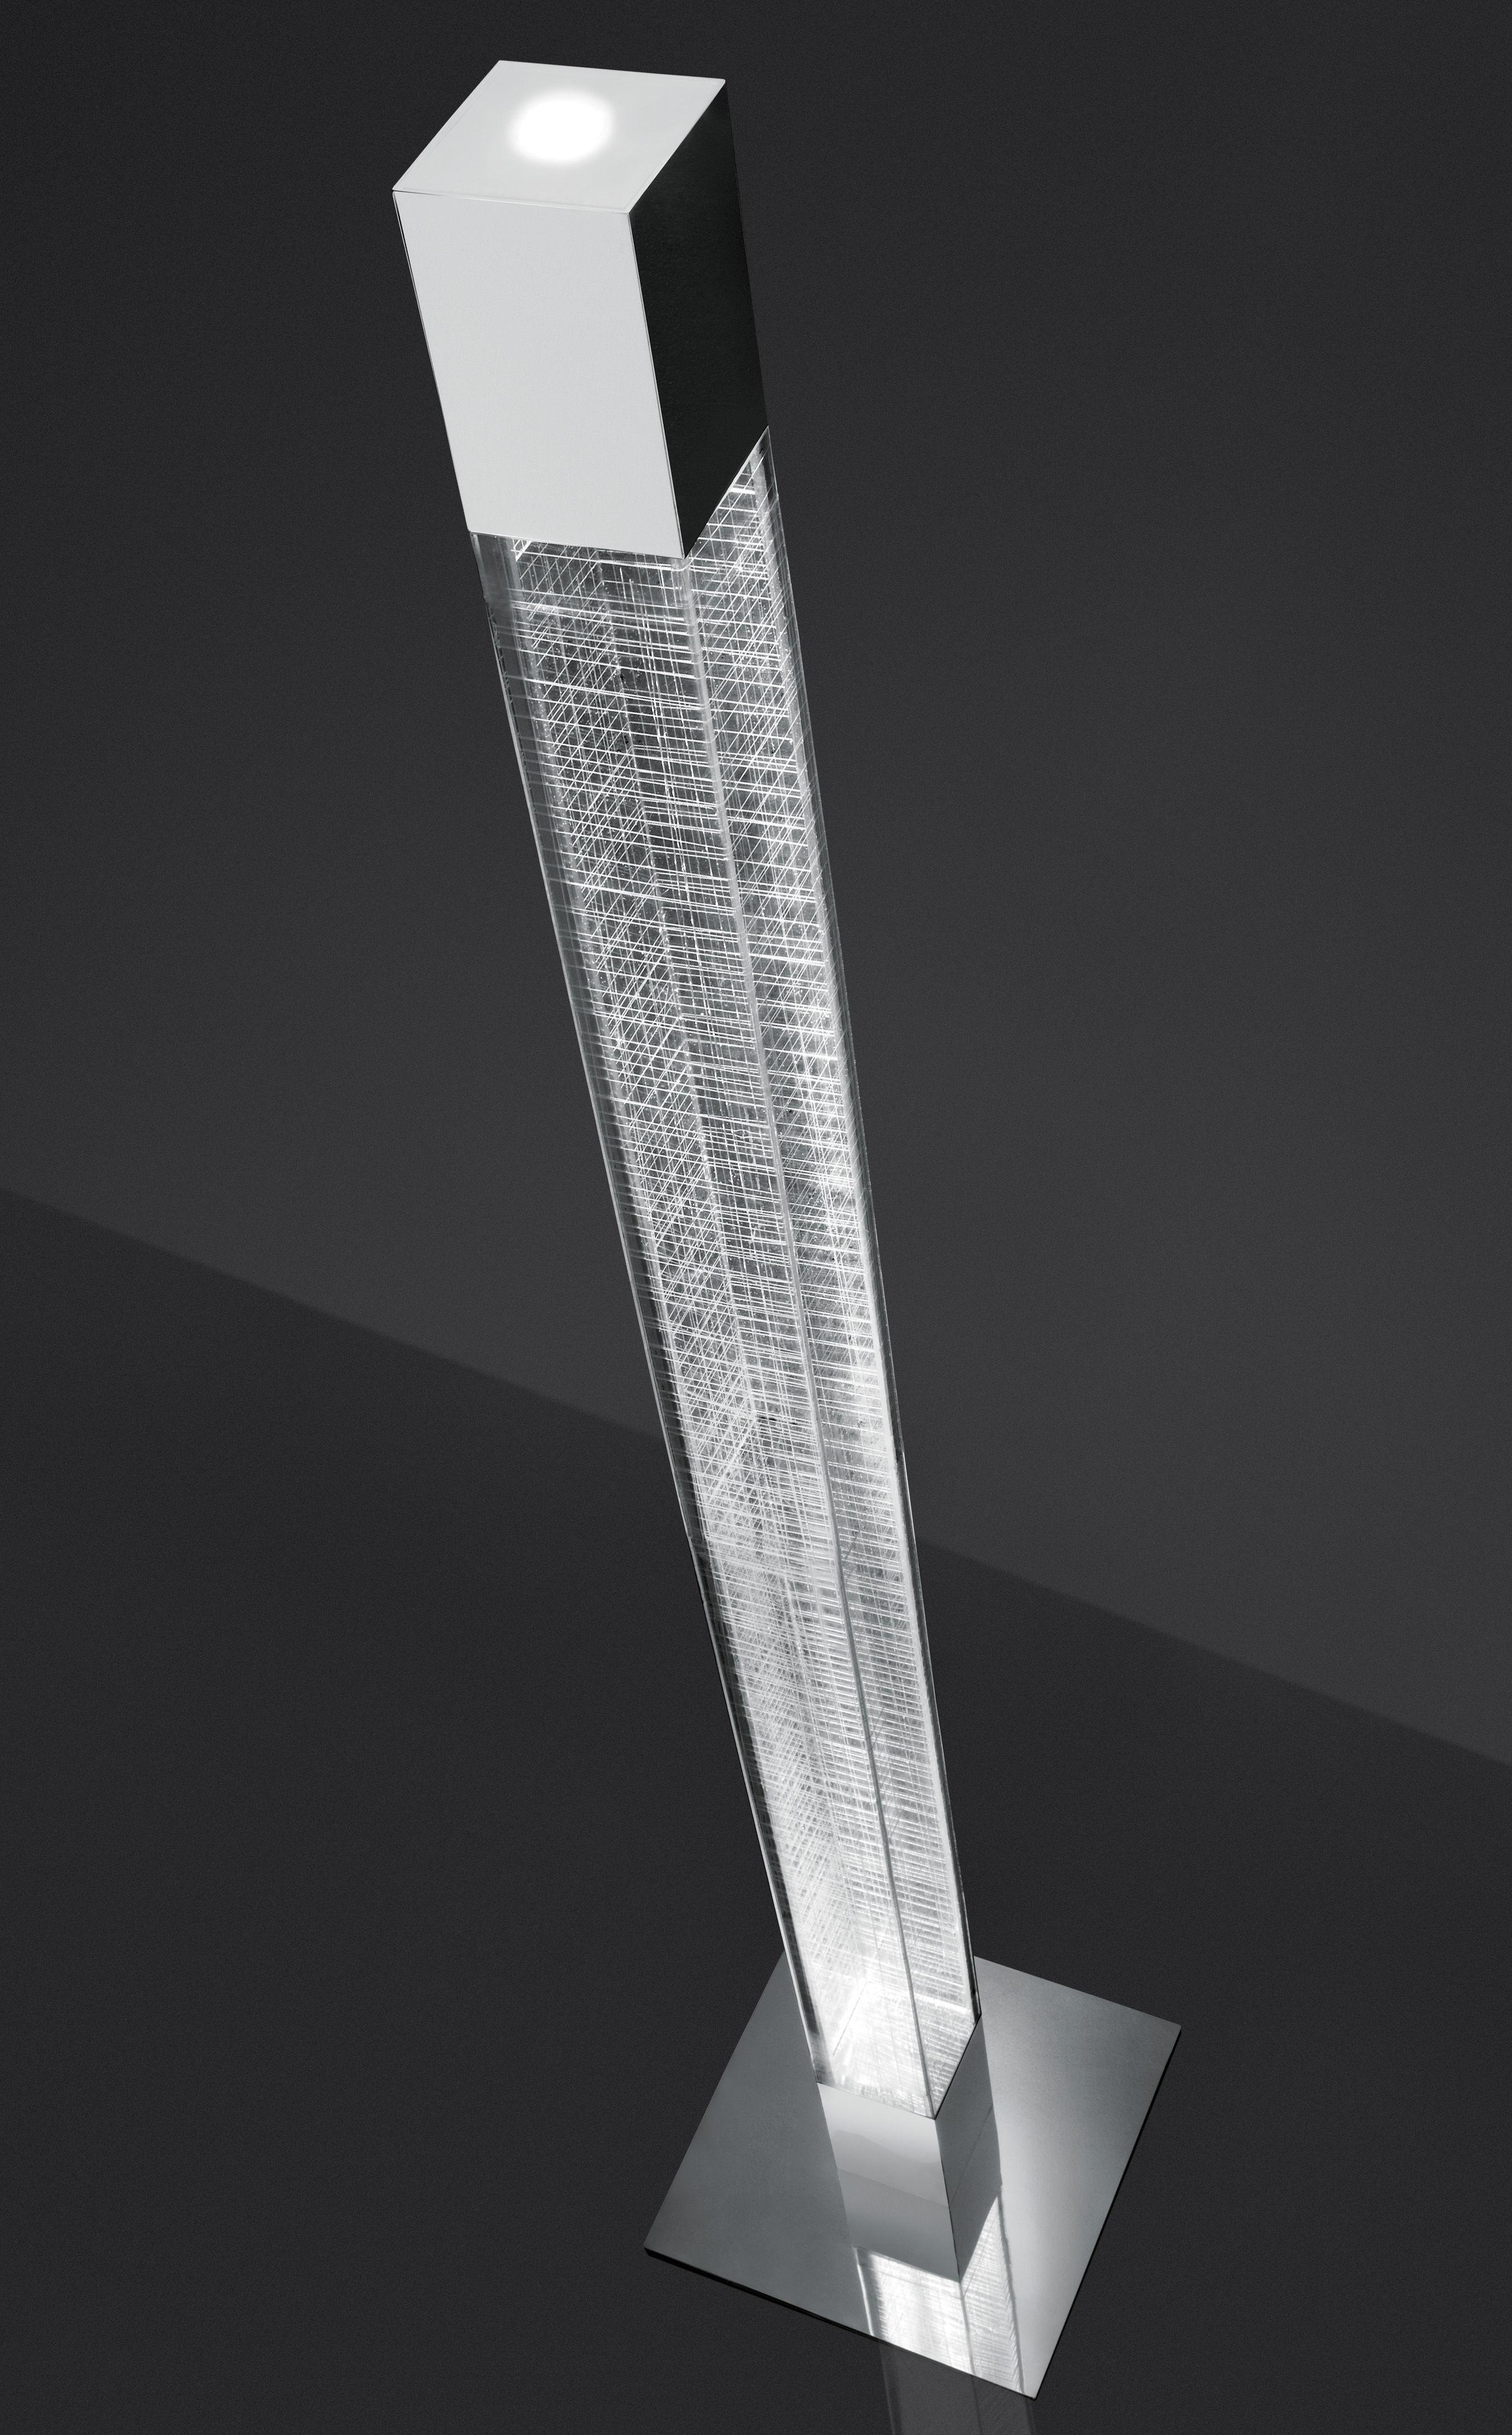 Leuchten - Stehleuchten - Mimesi LED Stehleuchte / H 180 cm - Artemide - Transparent / weißes Karomuster - Methacrylate, polierter Stahl